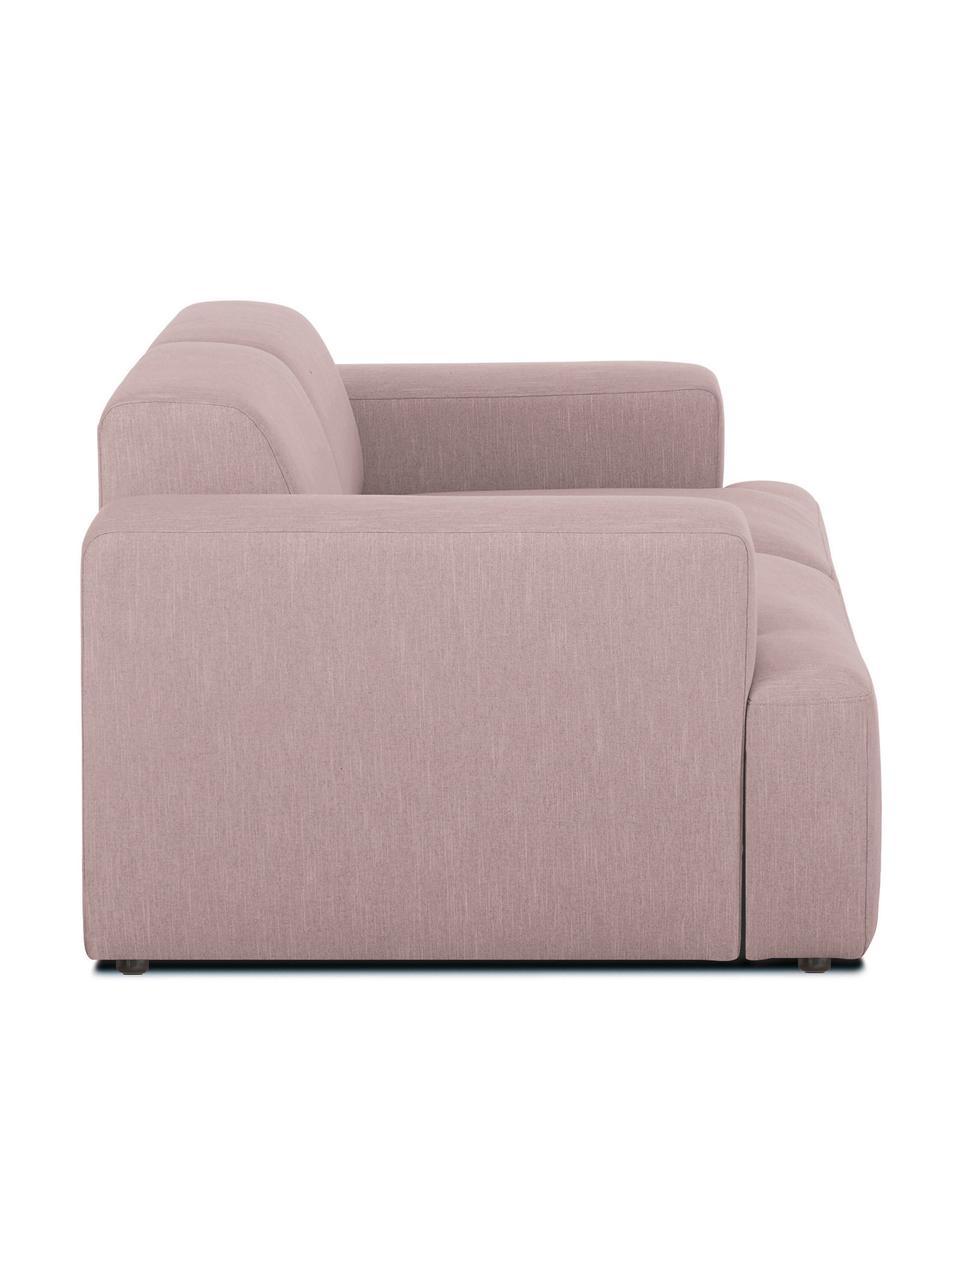 Divano a 2 posti in tessuto rosa Melva, Rivestimento: 100% poliestre Il rivesti, Struttura: pino massiccio, certifica, Tessuto rosa, Larg. 198 x Alt. 101 cm